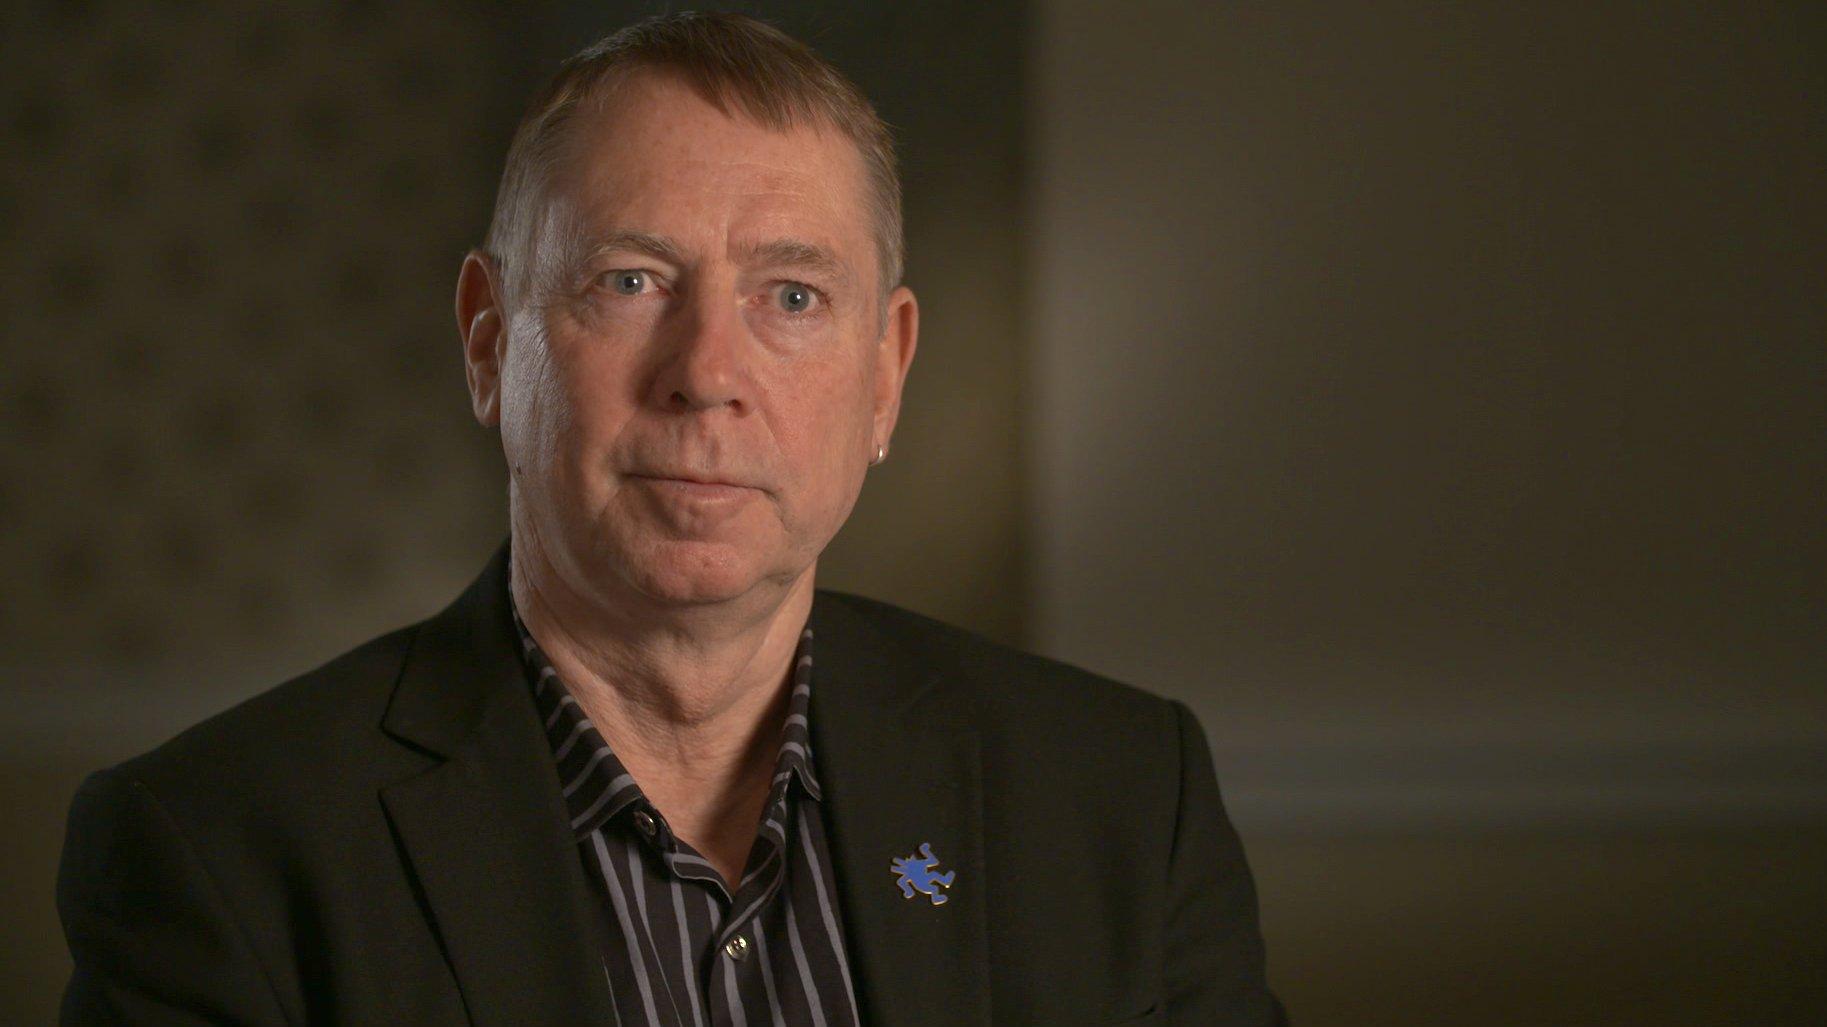 Politikwissenschaftler Michael Minkenberg im Interview über die AfD, 2016 (Video)